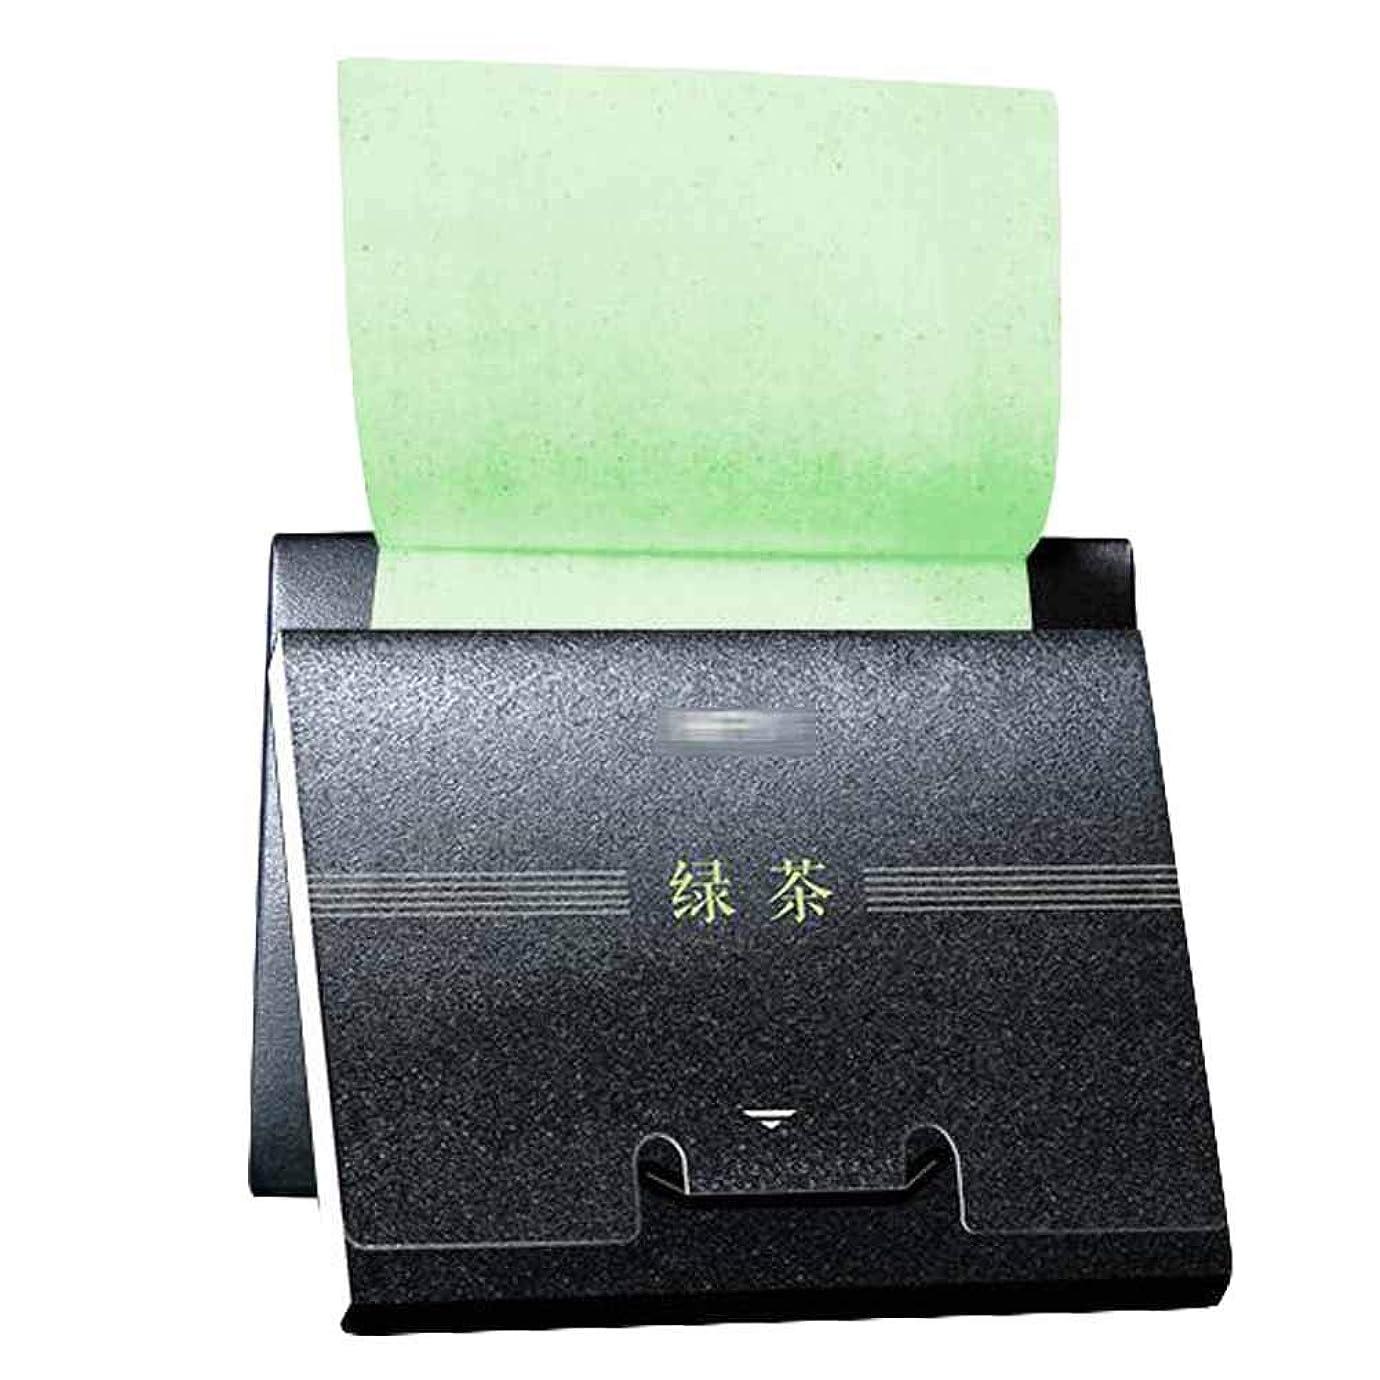 延期するナビゲーション出版緑茶男性女性オイル吸収シート、300シート